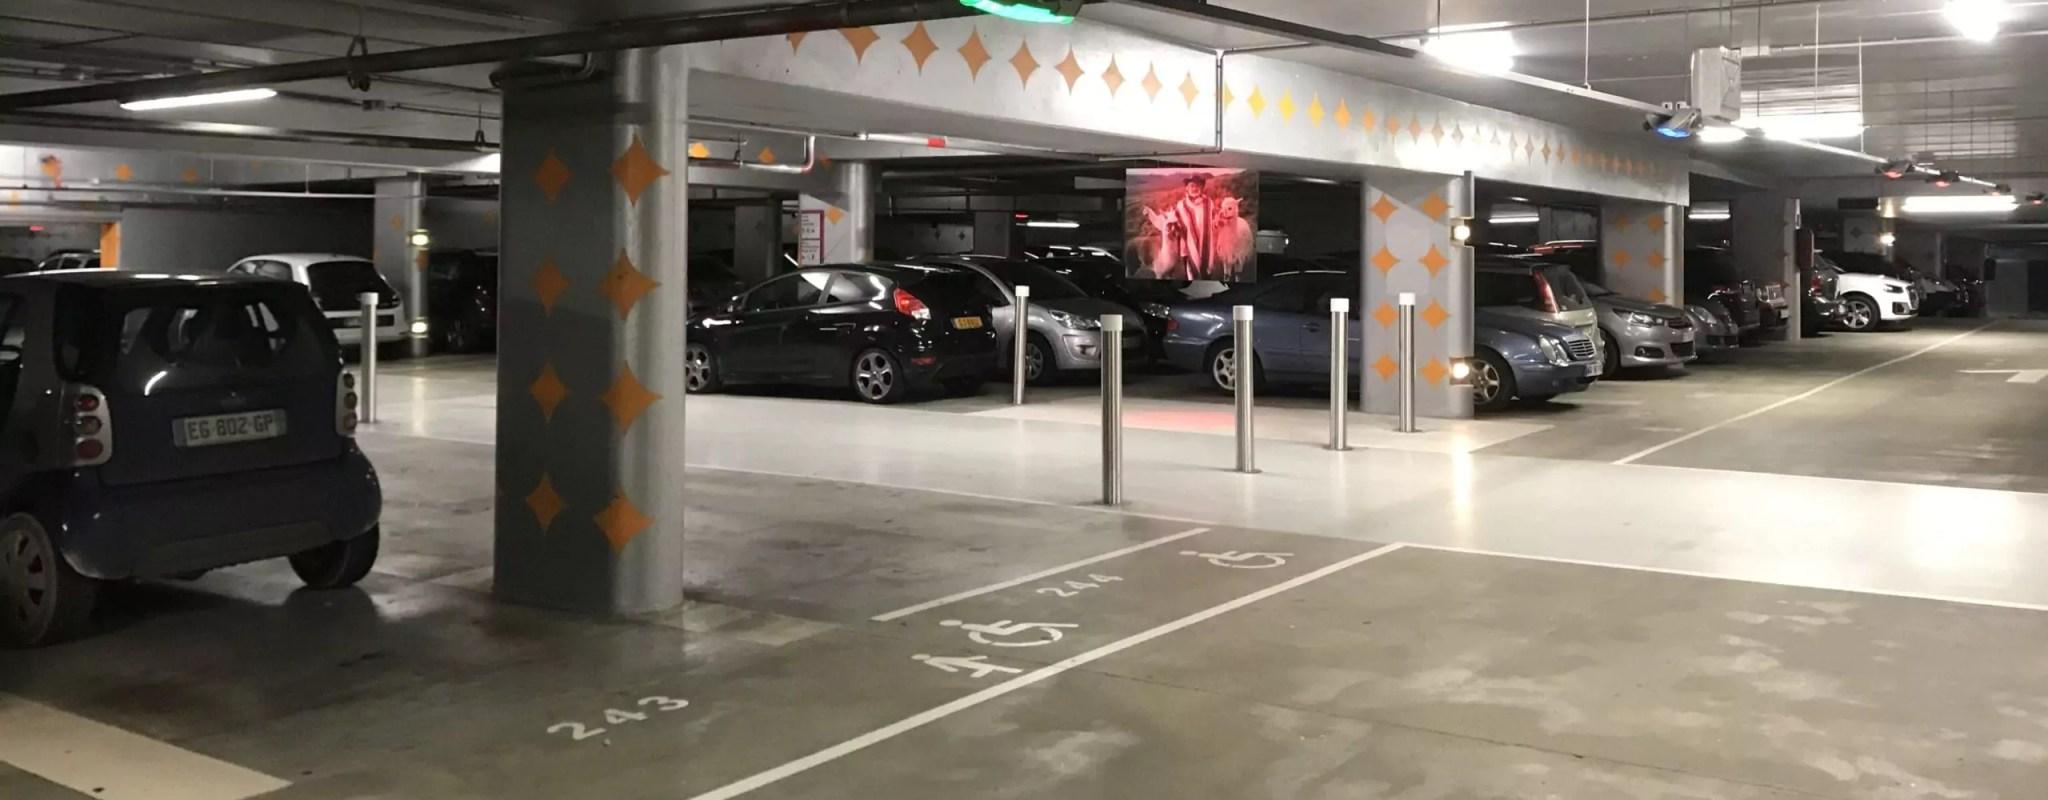 Le parking du musée d'art moderne coûte trois fois plus cher aux habitants du quartier Laiterie qu'à ceux du centre